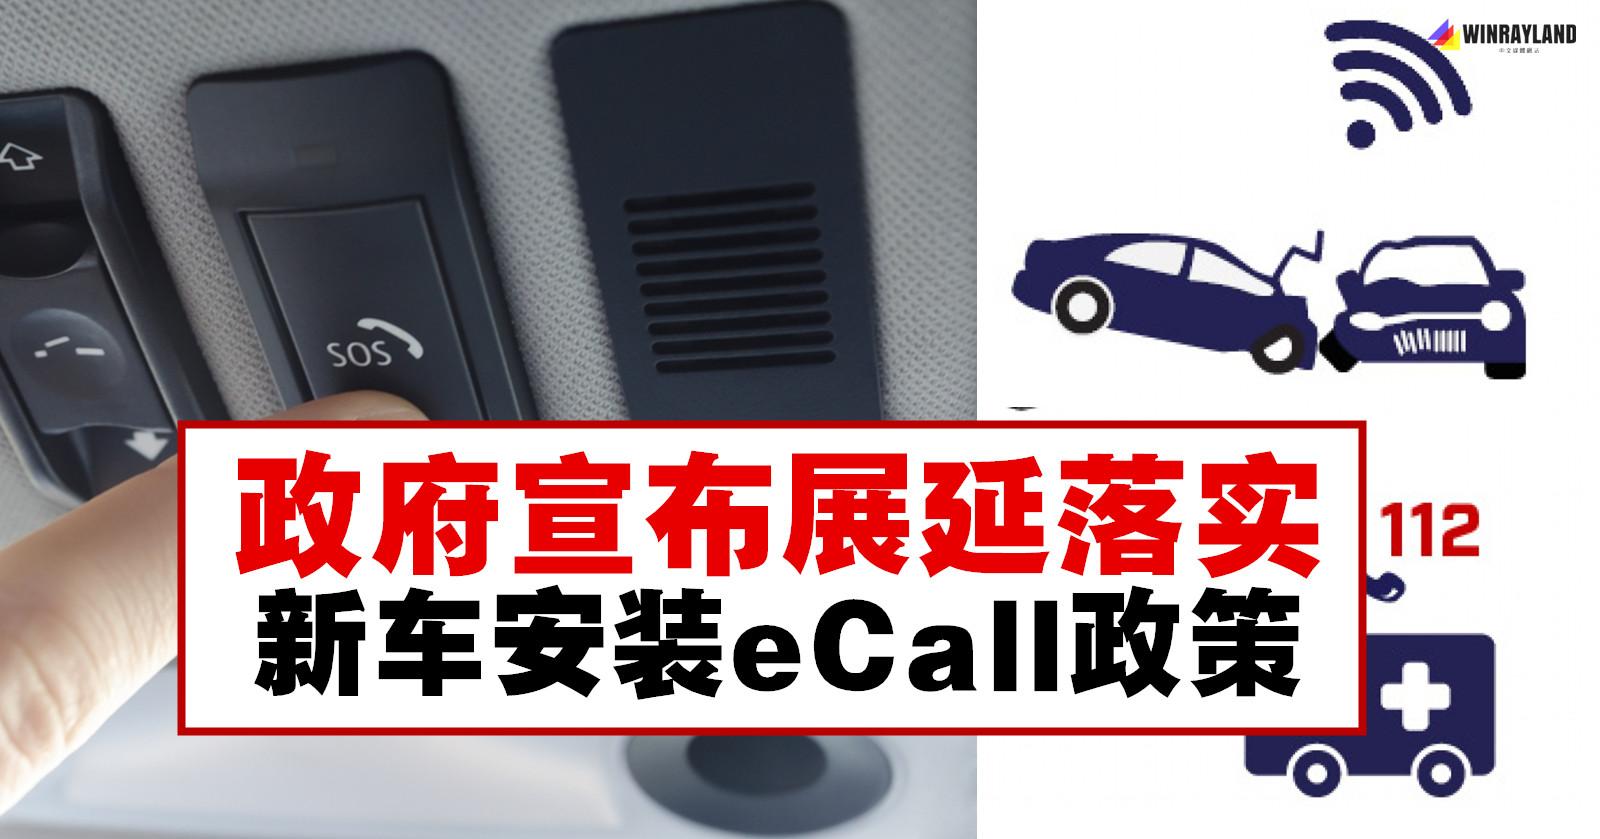 政府宣布展延新车安装eCall政策